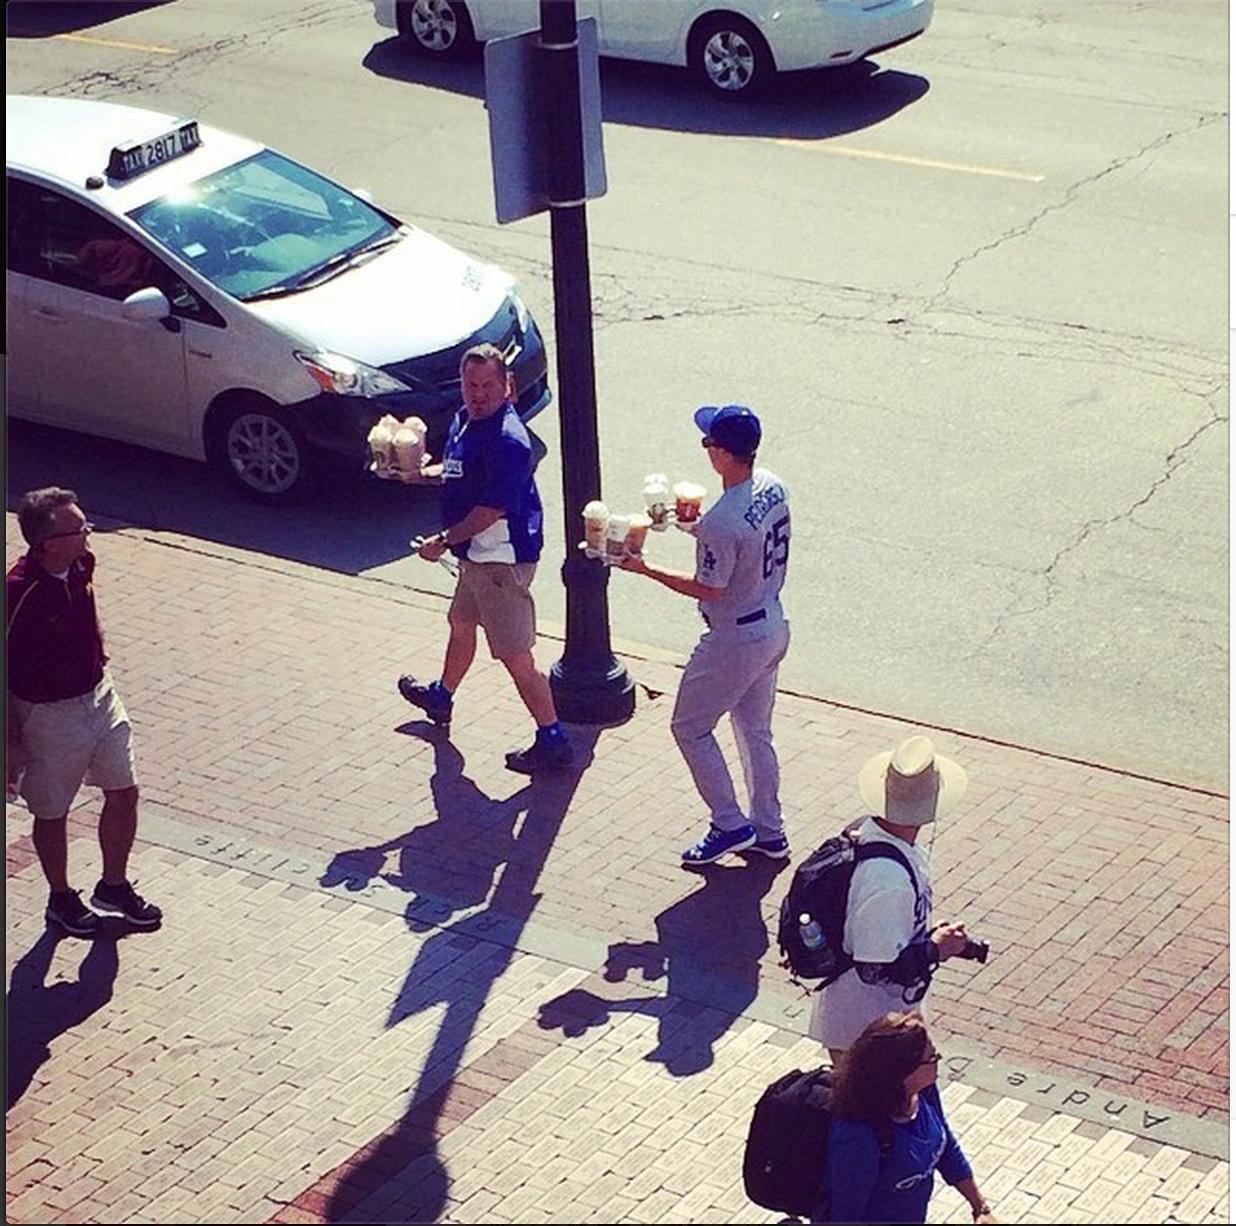 Dodgers OF Joc Pederson got to dress as himself during a team Starbucks run.